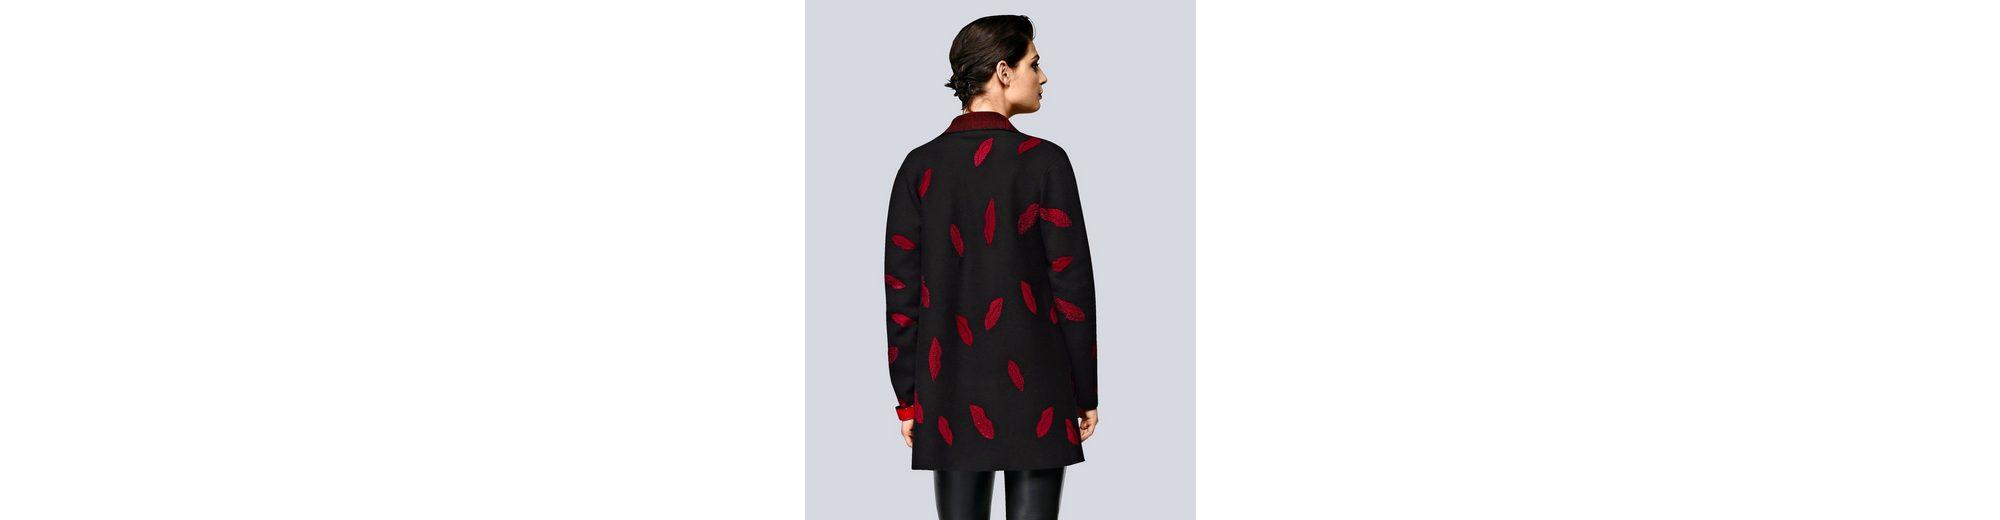 Alba Moda Strickjacke im Jacquard-Strick Freies Verschiffen Footaction Rabatt Mode-Stil Günstig Kaufen Preis Zum Verkauf Online-Shop xYeEr